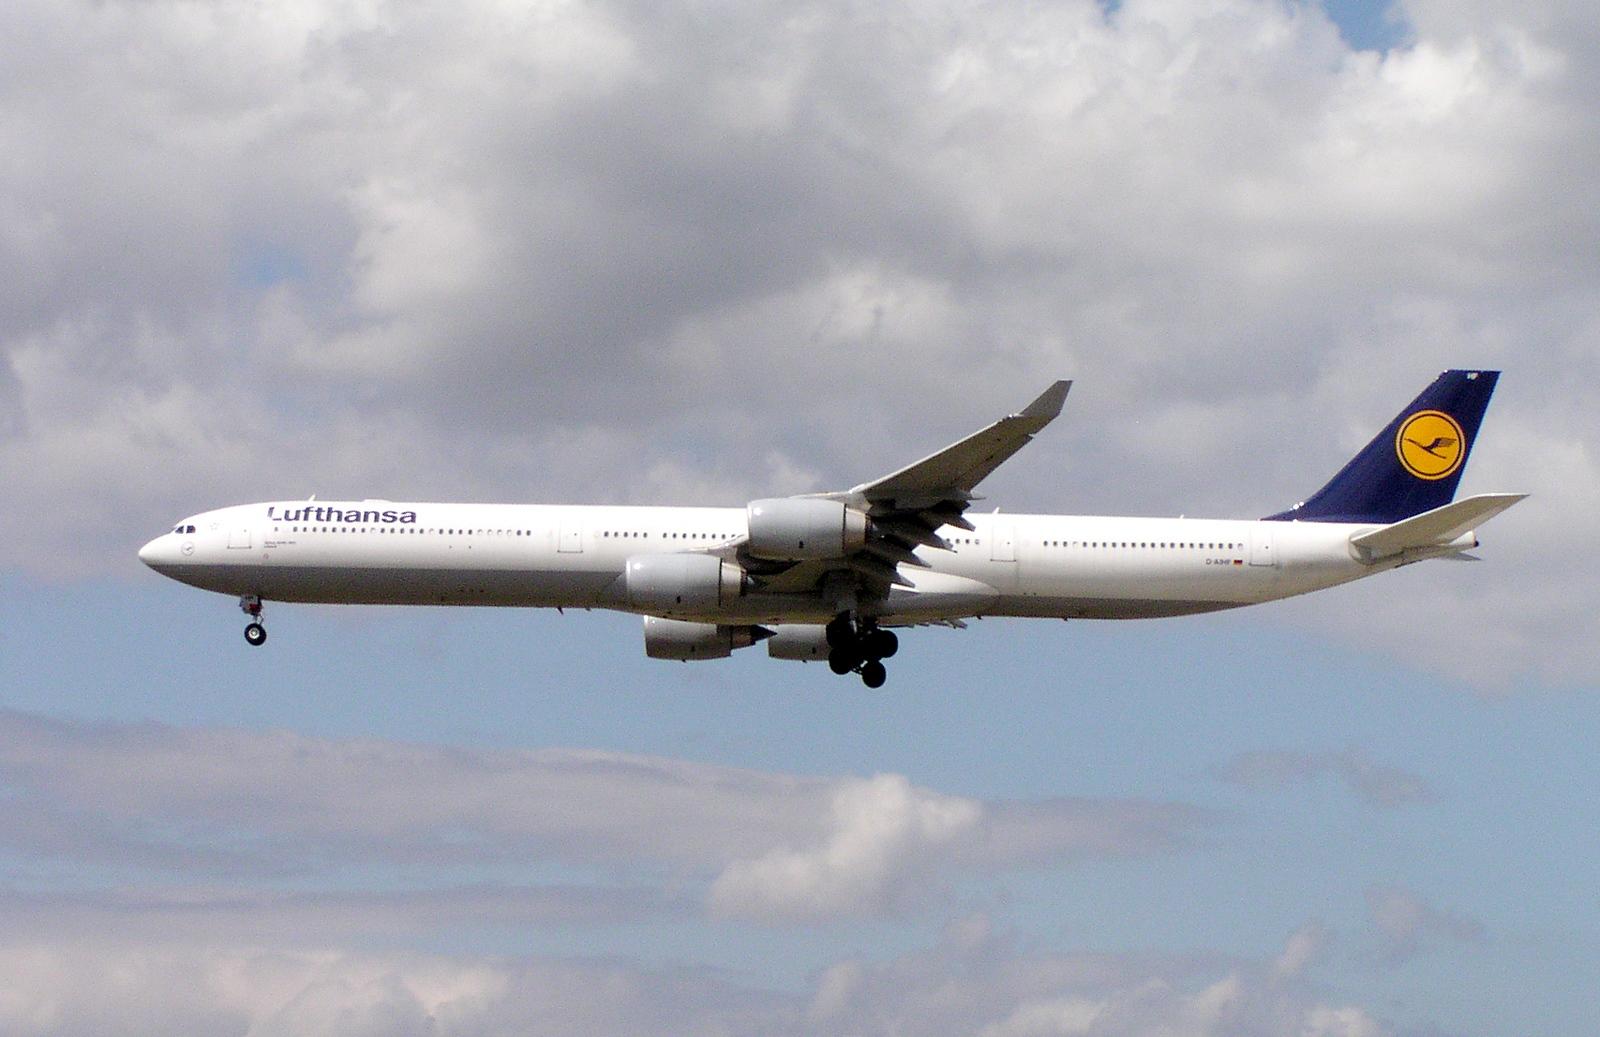 Airbus A340-600 fra Lufthansa.